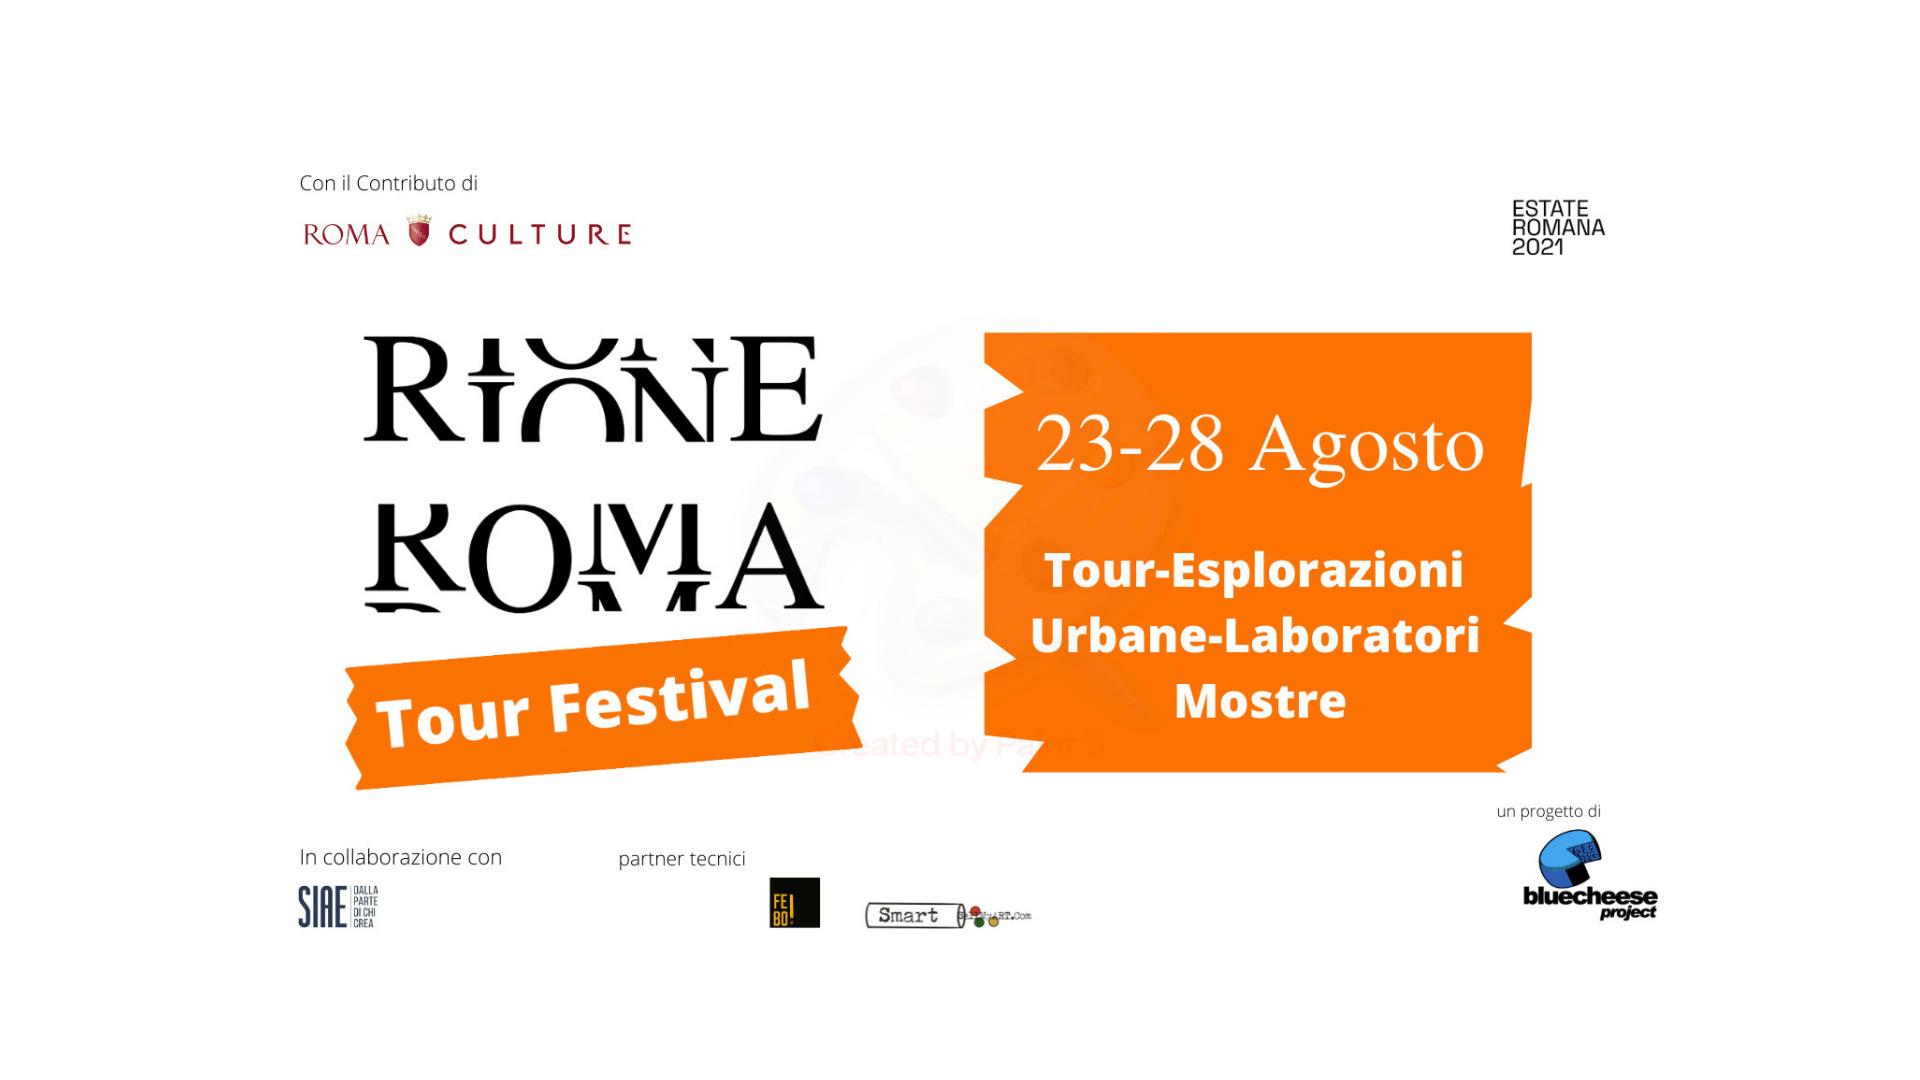 Rione Roma Tour Festival 2021